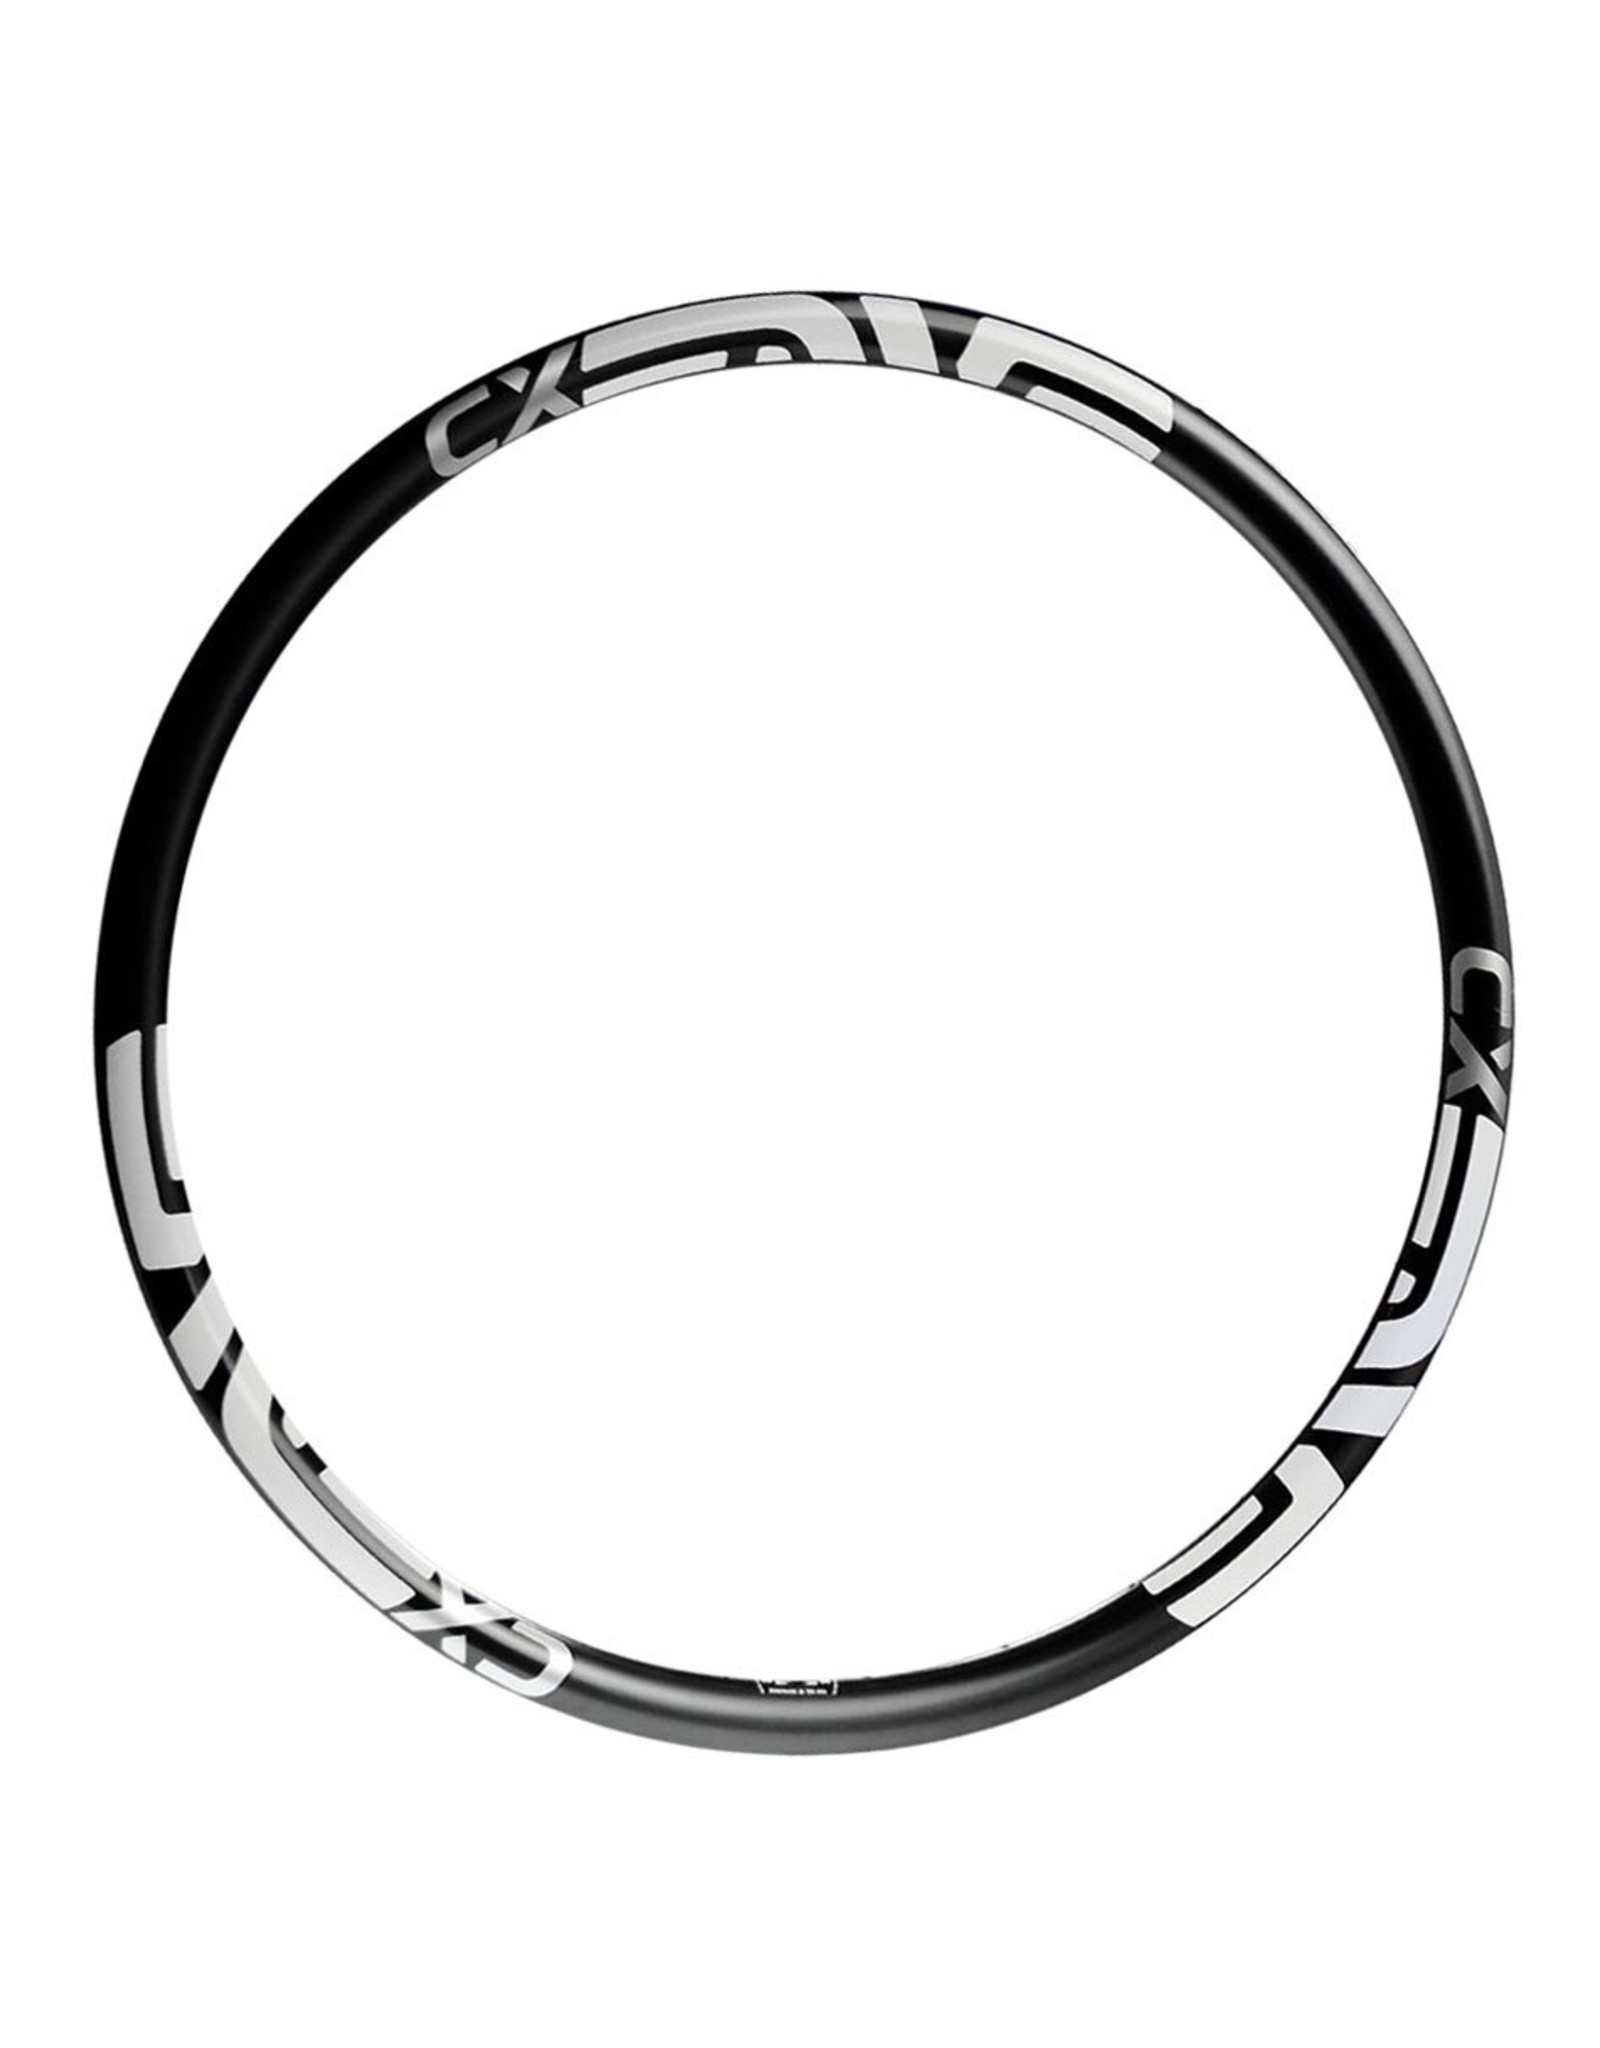 ENVE Composites ENVE CX Carbon Tubular Rim 28h